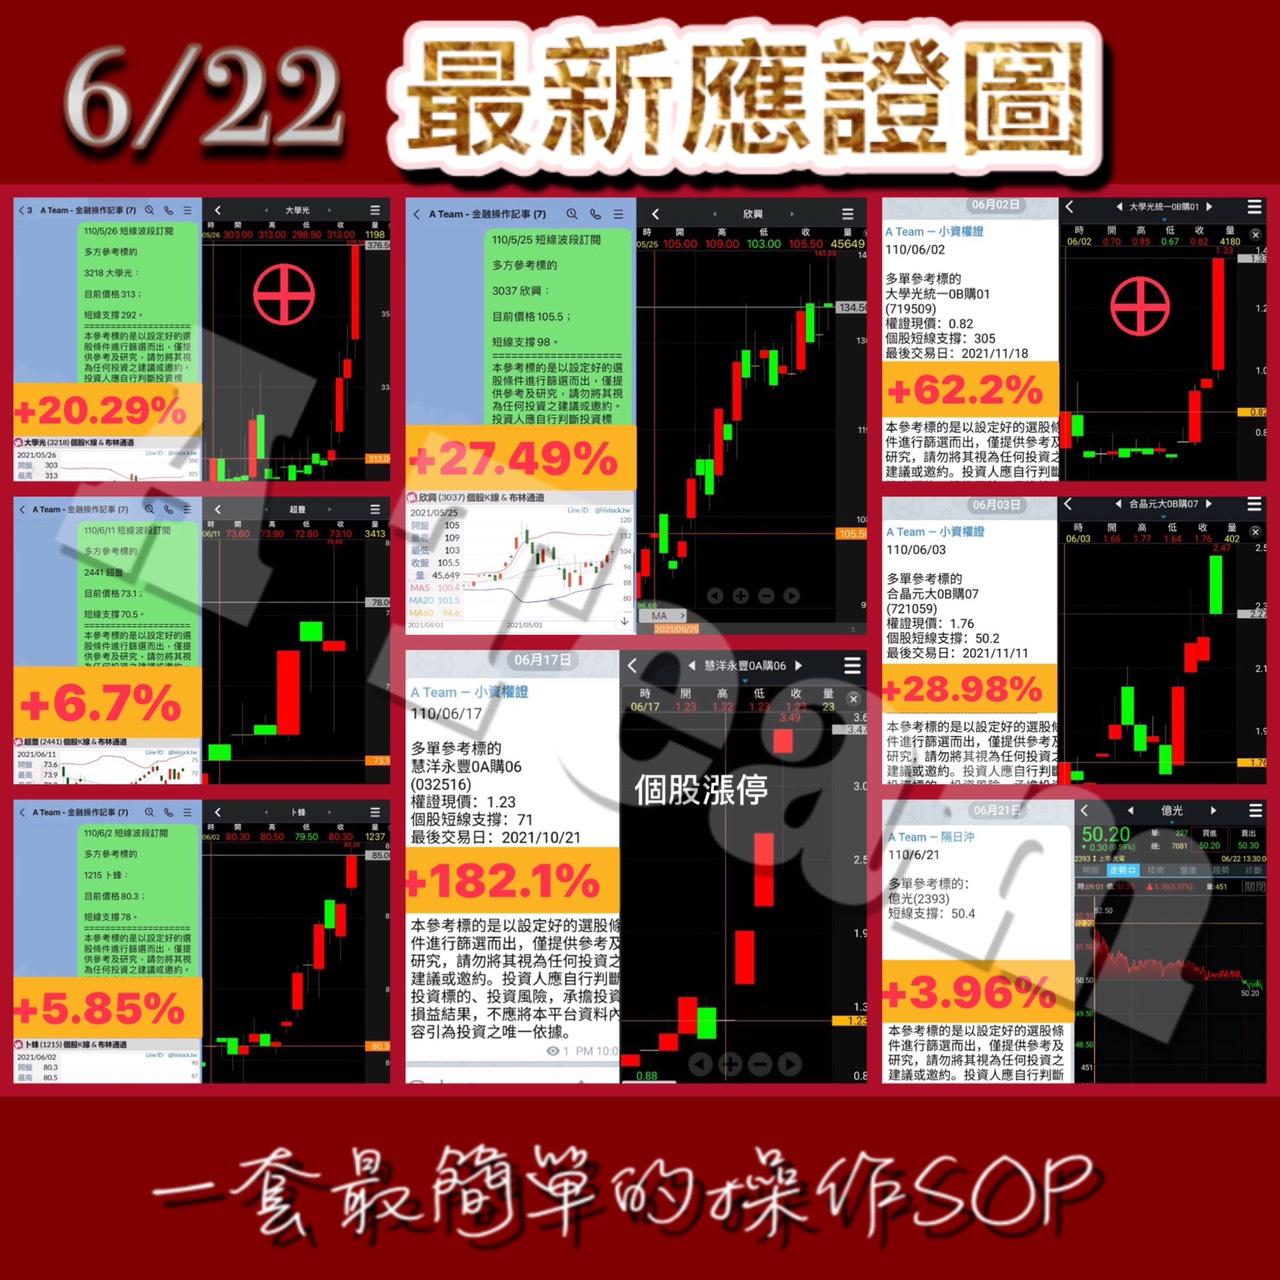 A Team金融操作記事 - 6/22最新應證圖